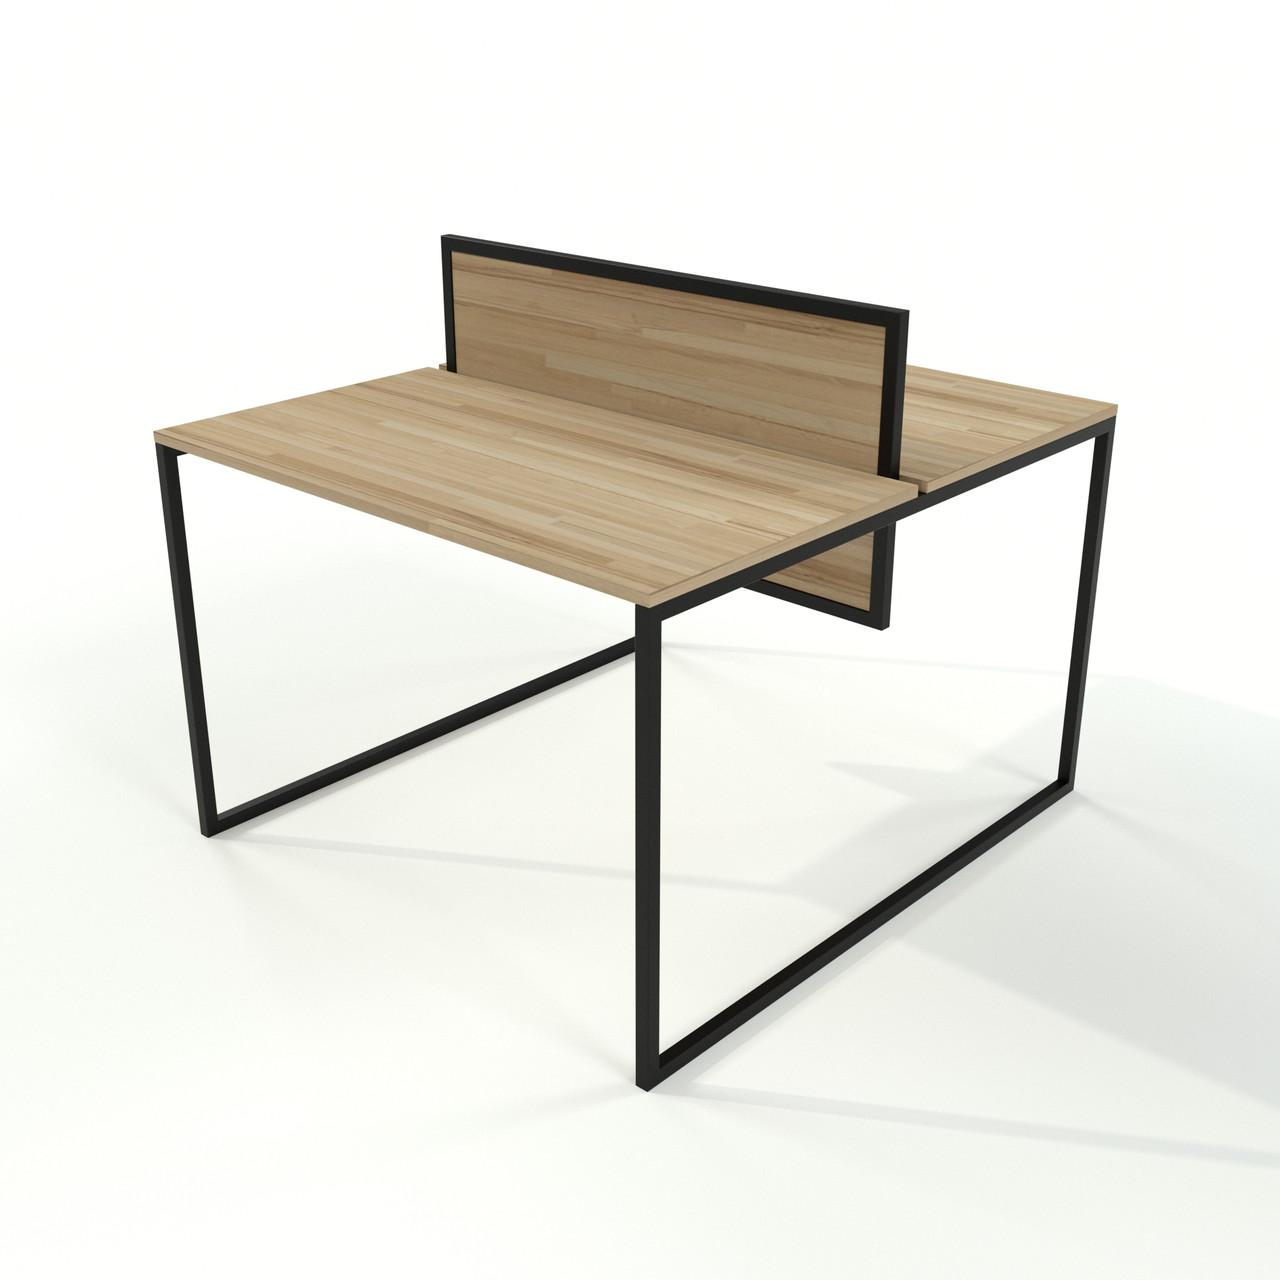 Стол для офиса двойной в стиле Loft  из натурального дерева